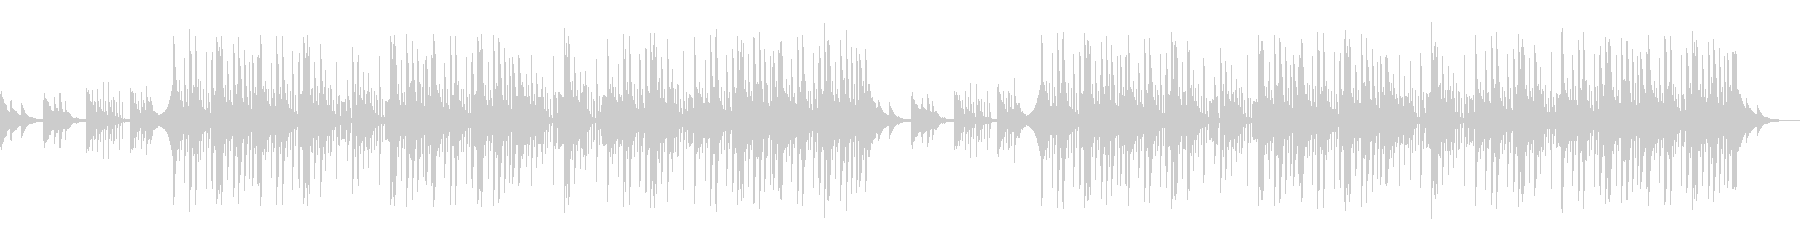 和風 琴 トラップ LoFiヒップホップの未再生の波形